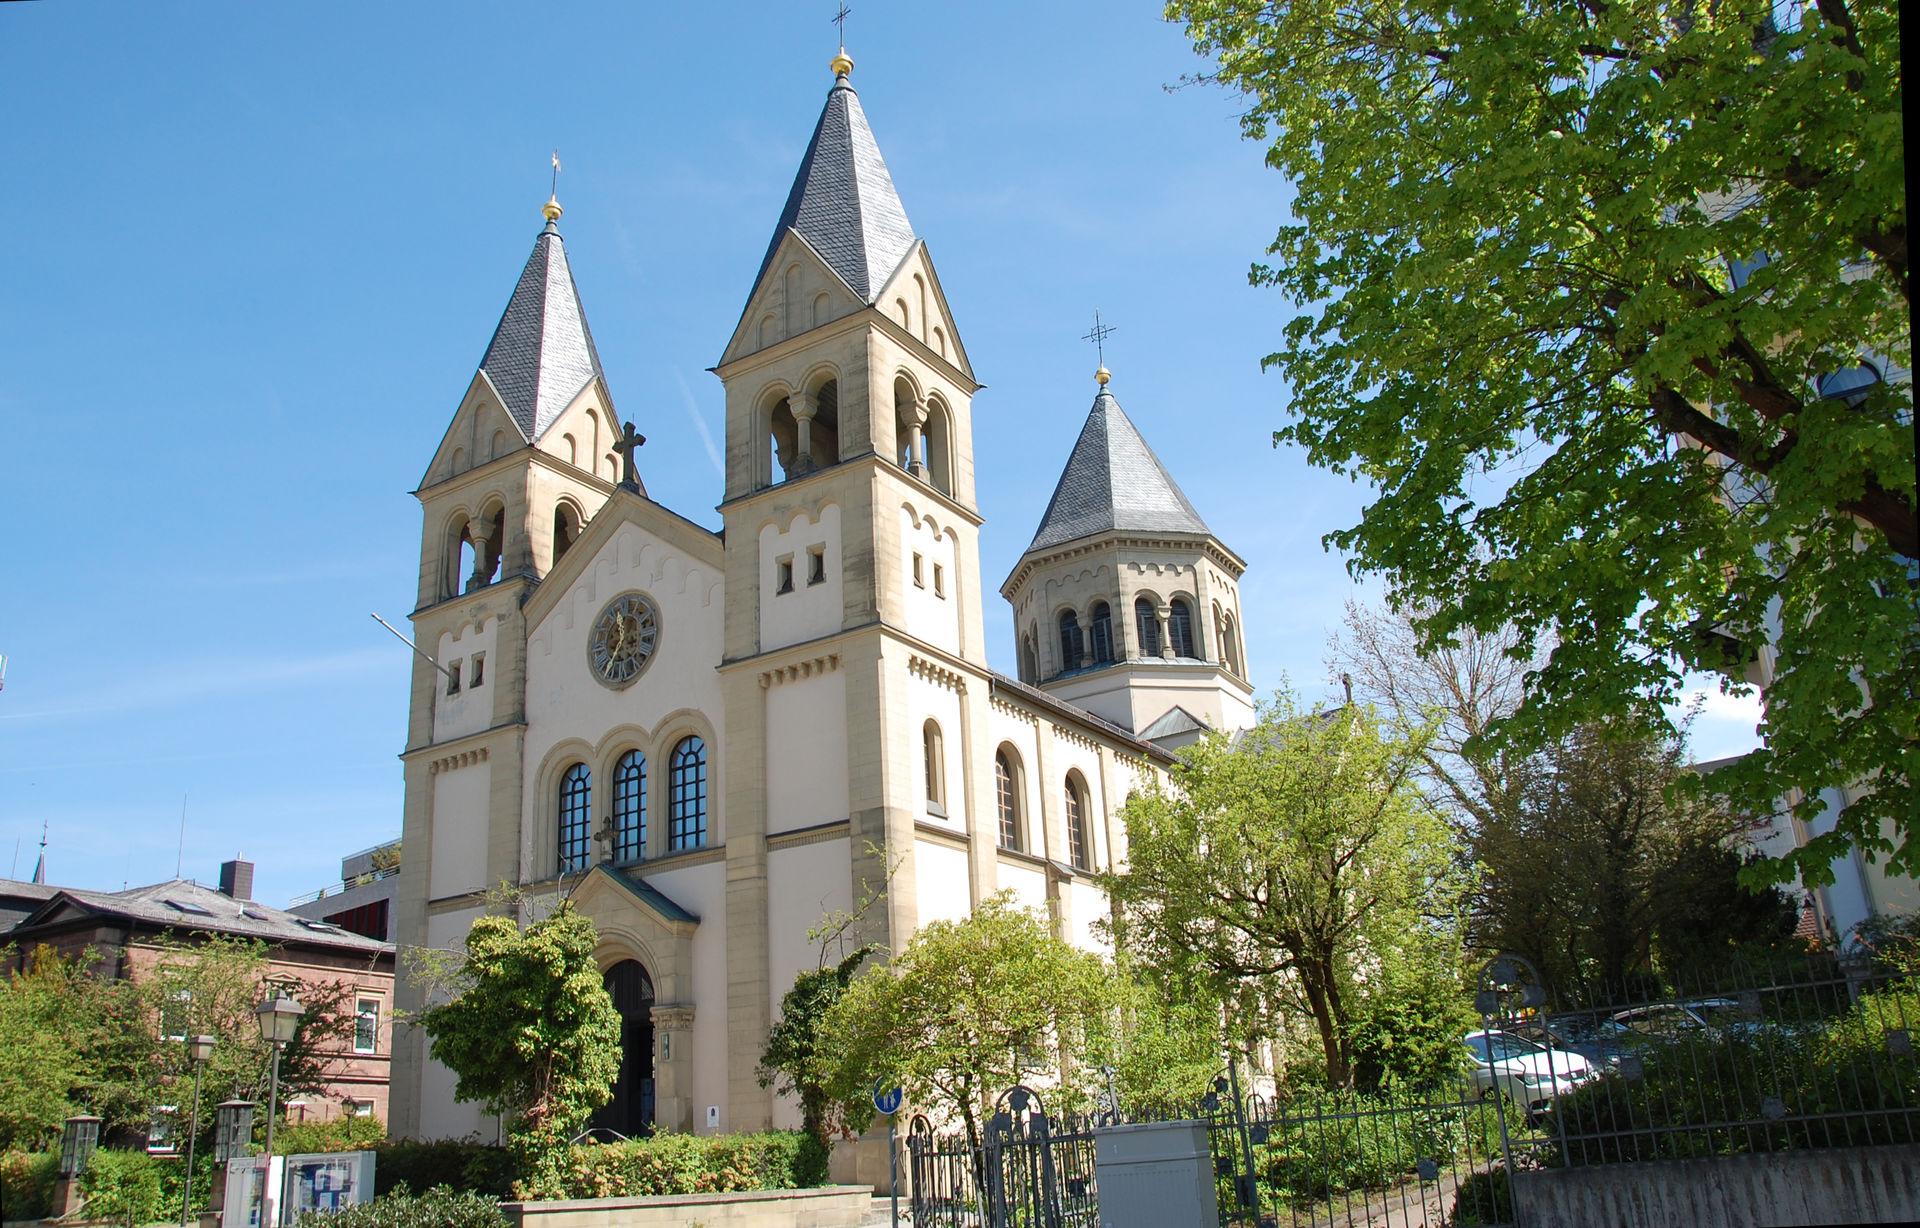 Seitlicher Blick auf die Erlöserkirche in Bad Kissingen